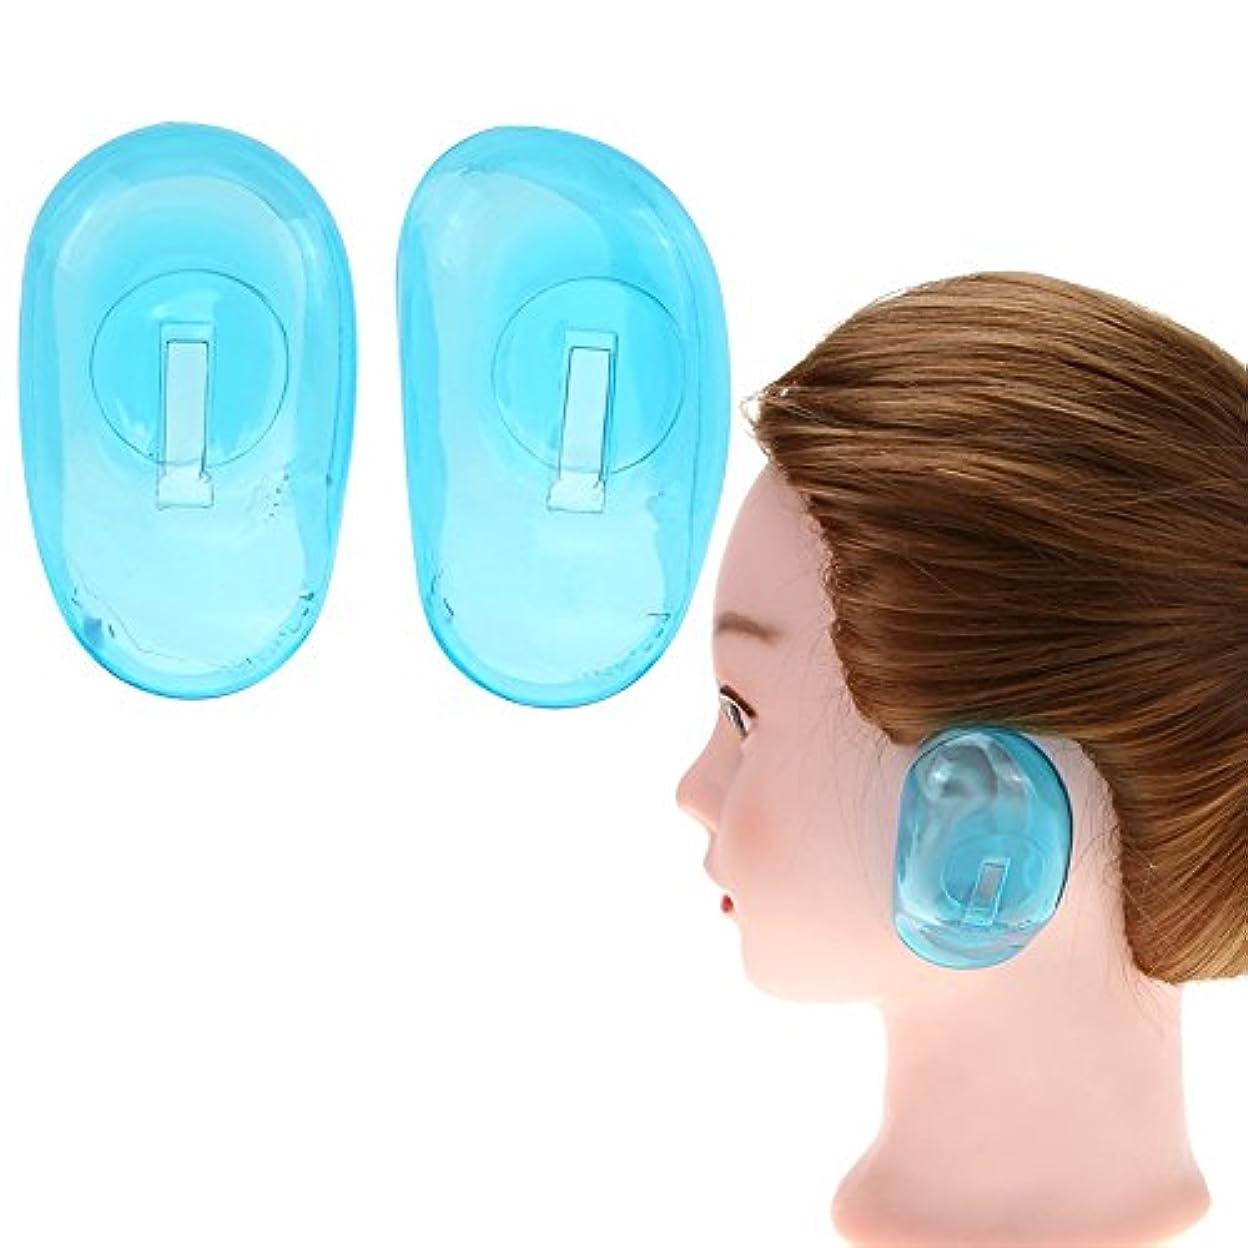 事務所ネット柱Ruier-tong 1ペア耳カバー 毛染め用 シリコン製 耳キャップ 柔らかいイヤーキャップ ヘアカラー シャワー 耳保護 ヘアケアツール サロン 洗える 繰り返す使用可能 エコ 8.5x5cm